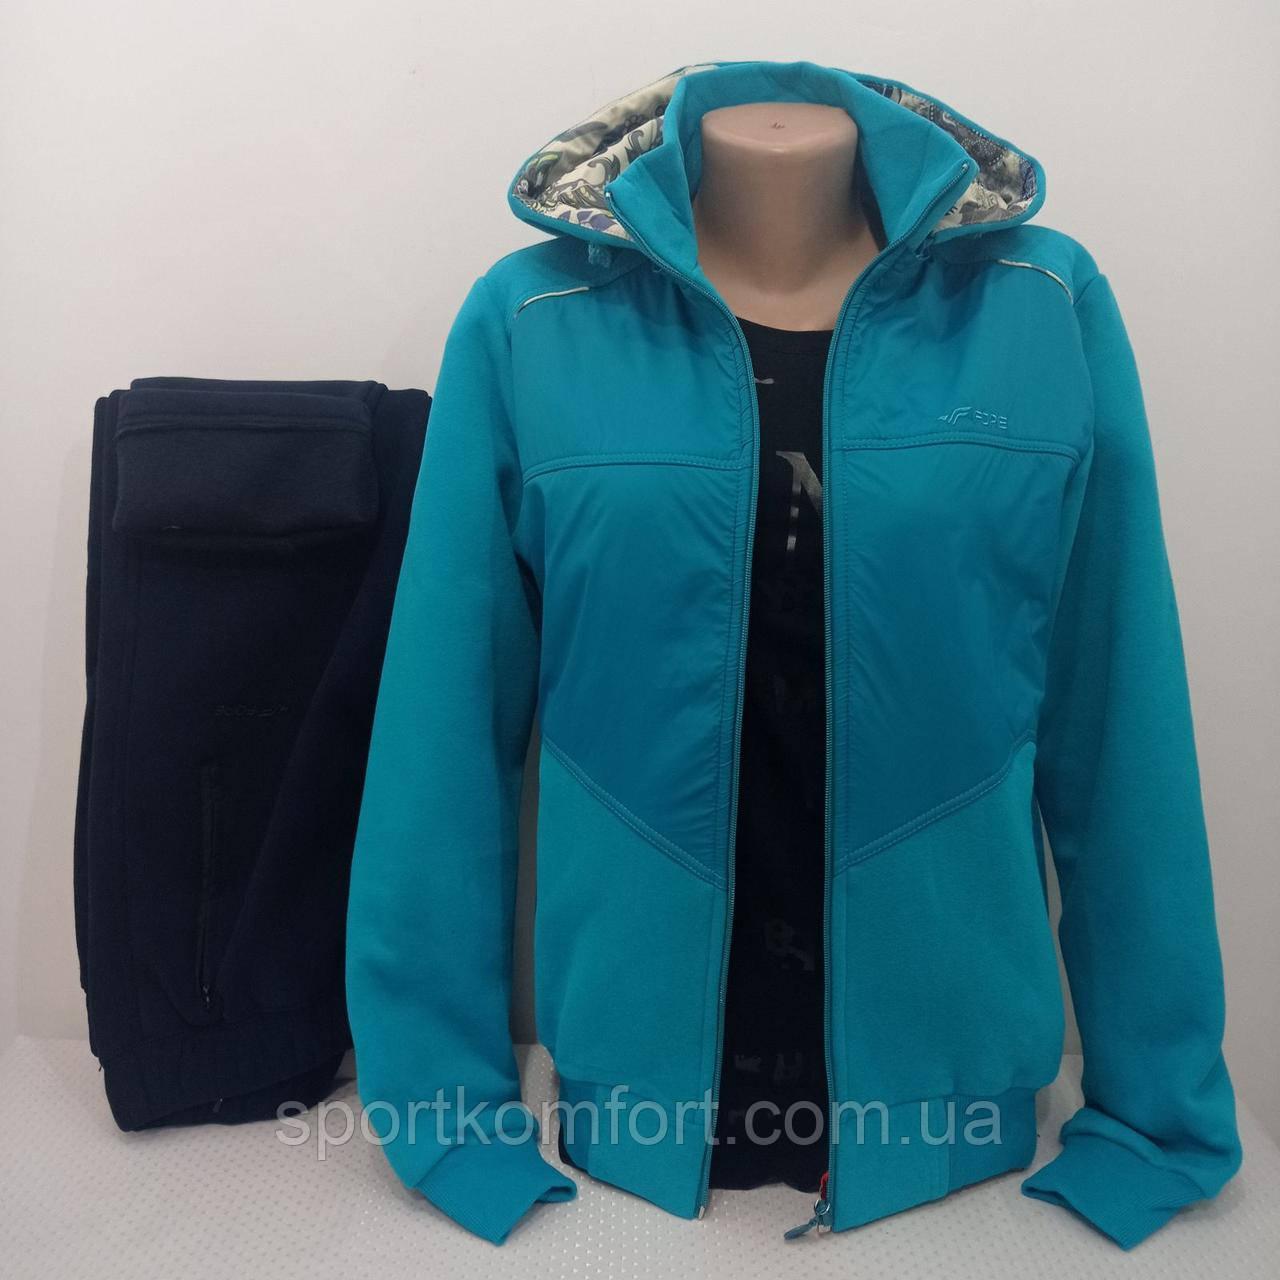 Тёплый женский спортивный костюм FORE  Турция тринитка хлопок 70 брюки прямые капюшон съёмный размеры 2хл 3хл